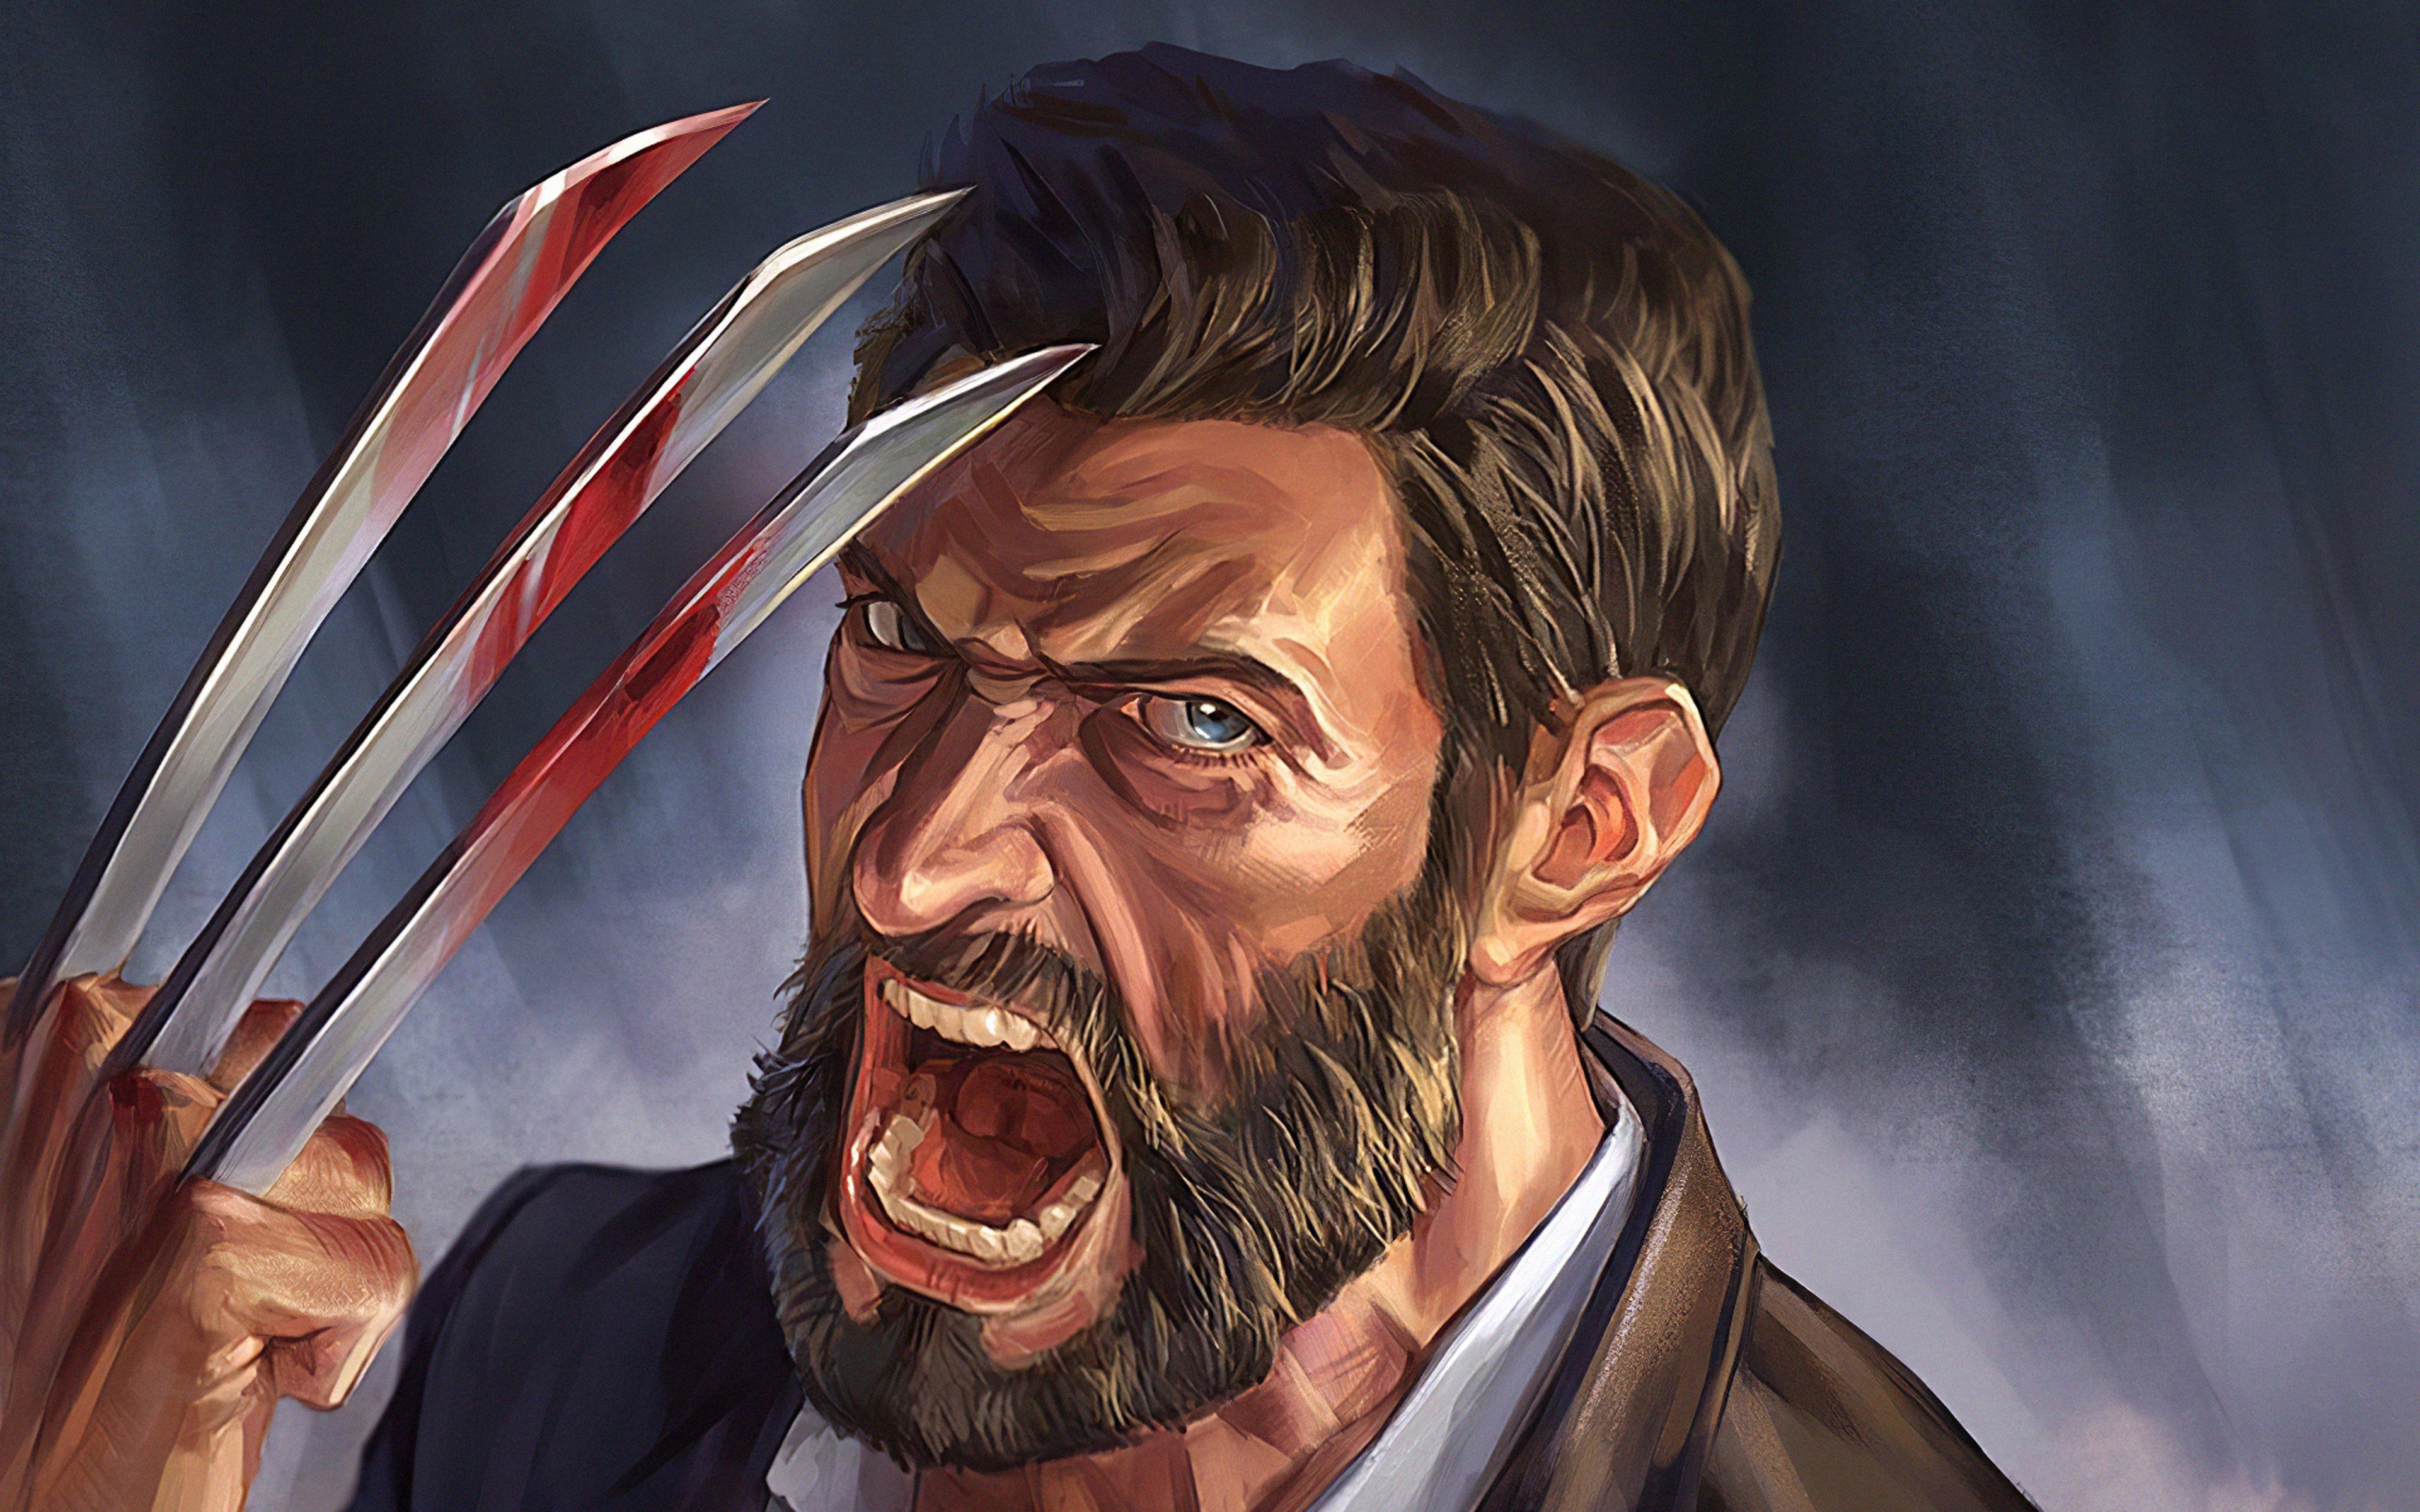 Wallpaper Hugh Jackman as Wolverine Illustration